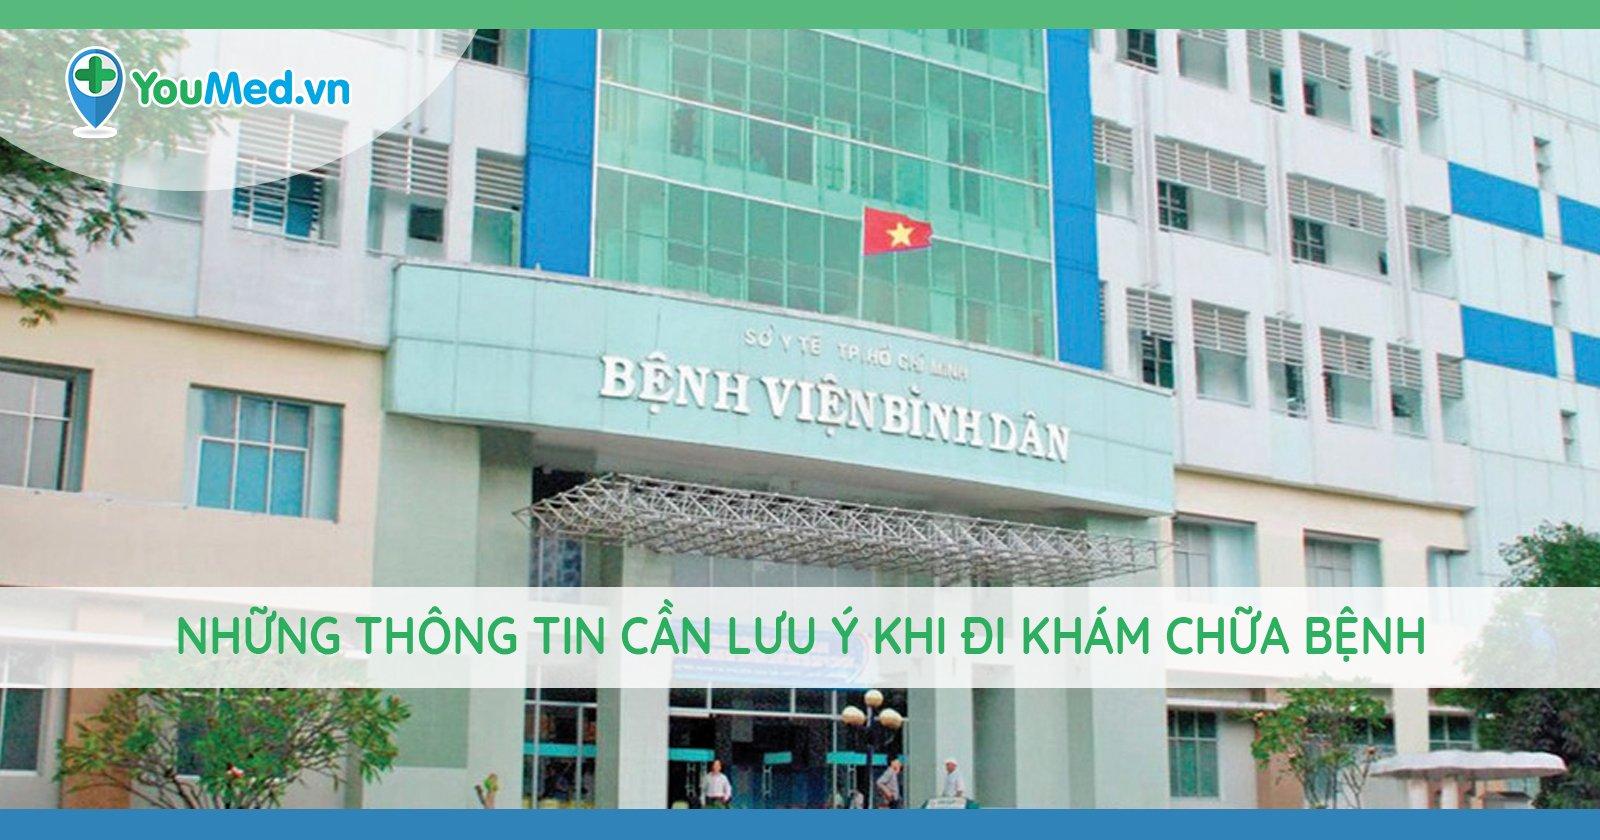 Những thông tin cần lưu ý khi đi khám chữa bệnh tại Bệnh viện Bình Dân